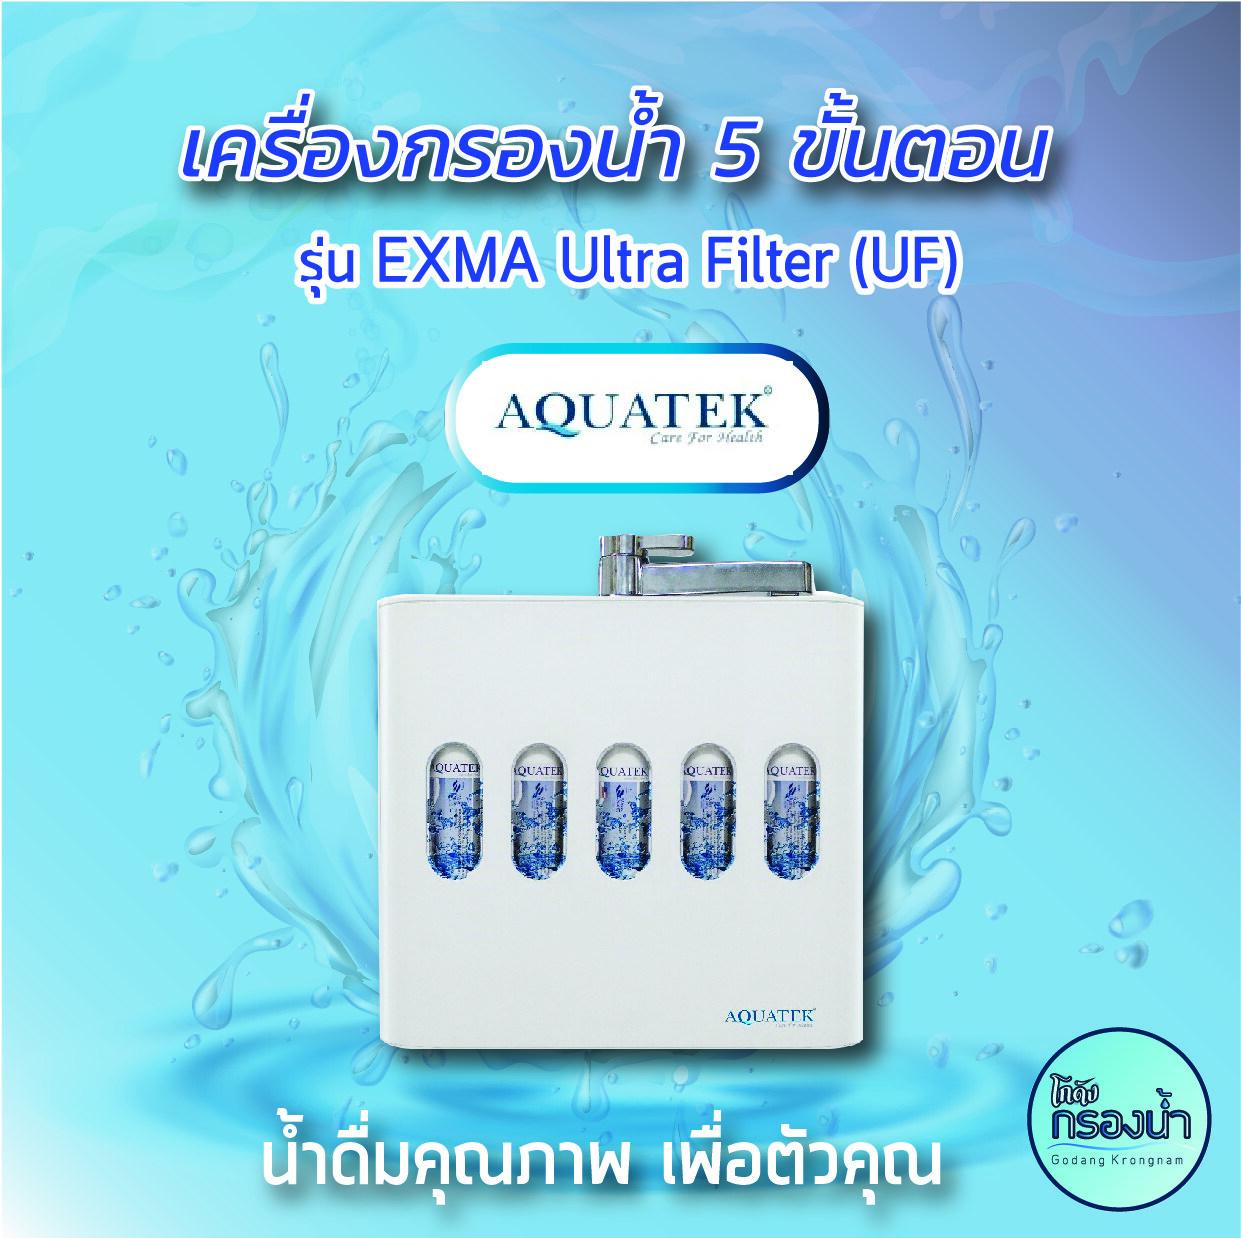 เครื่องกรองน้ำ Aquatek Exma Ultrafiltration.